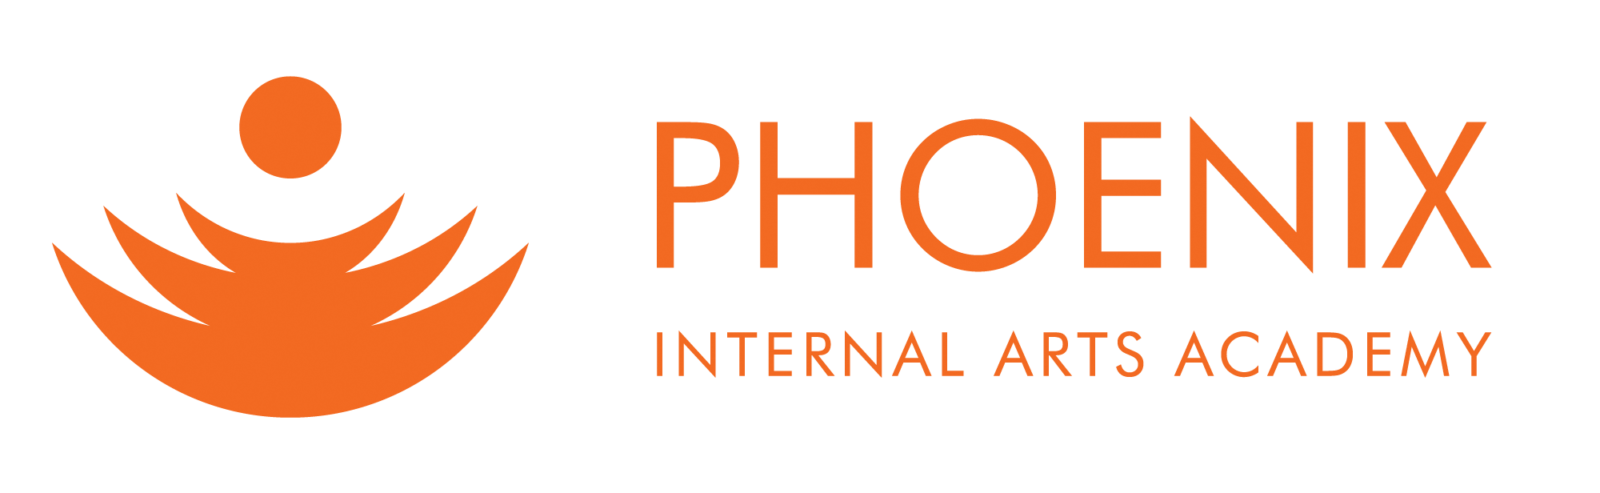 Phoenix Internal Arts Academy Inc.